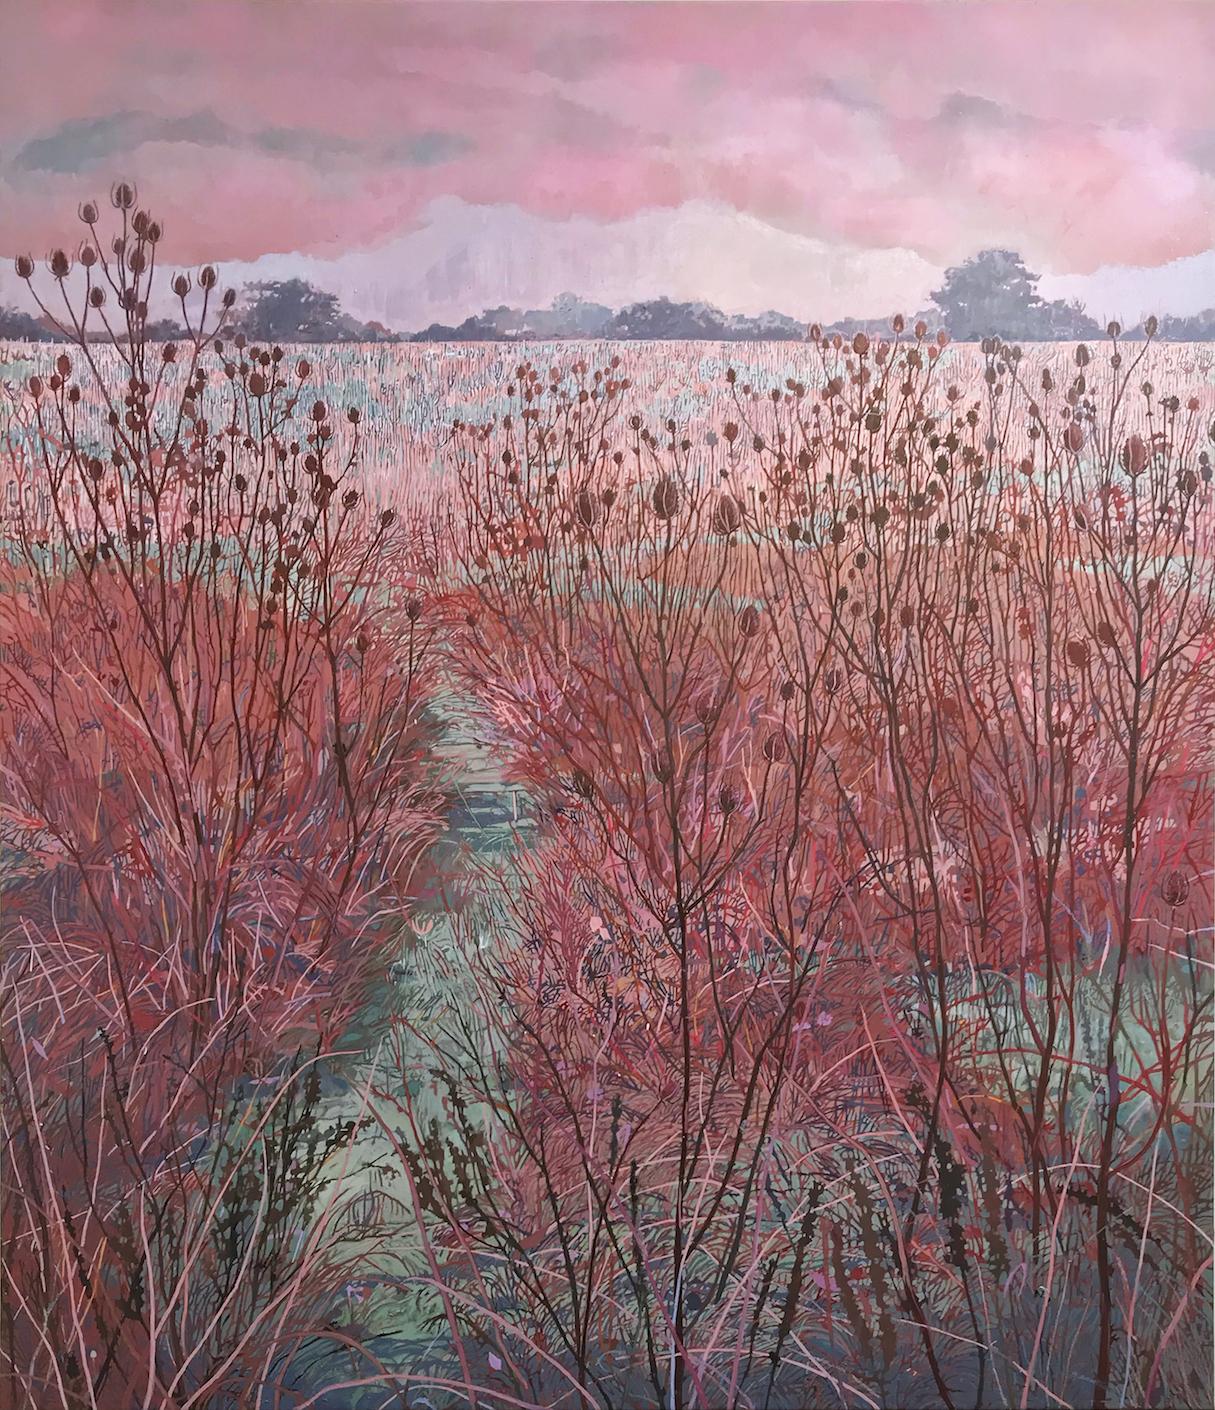 Found Path. Conrad Clarke. Jackson's Painting Prize.